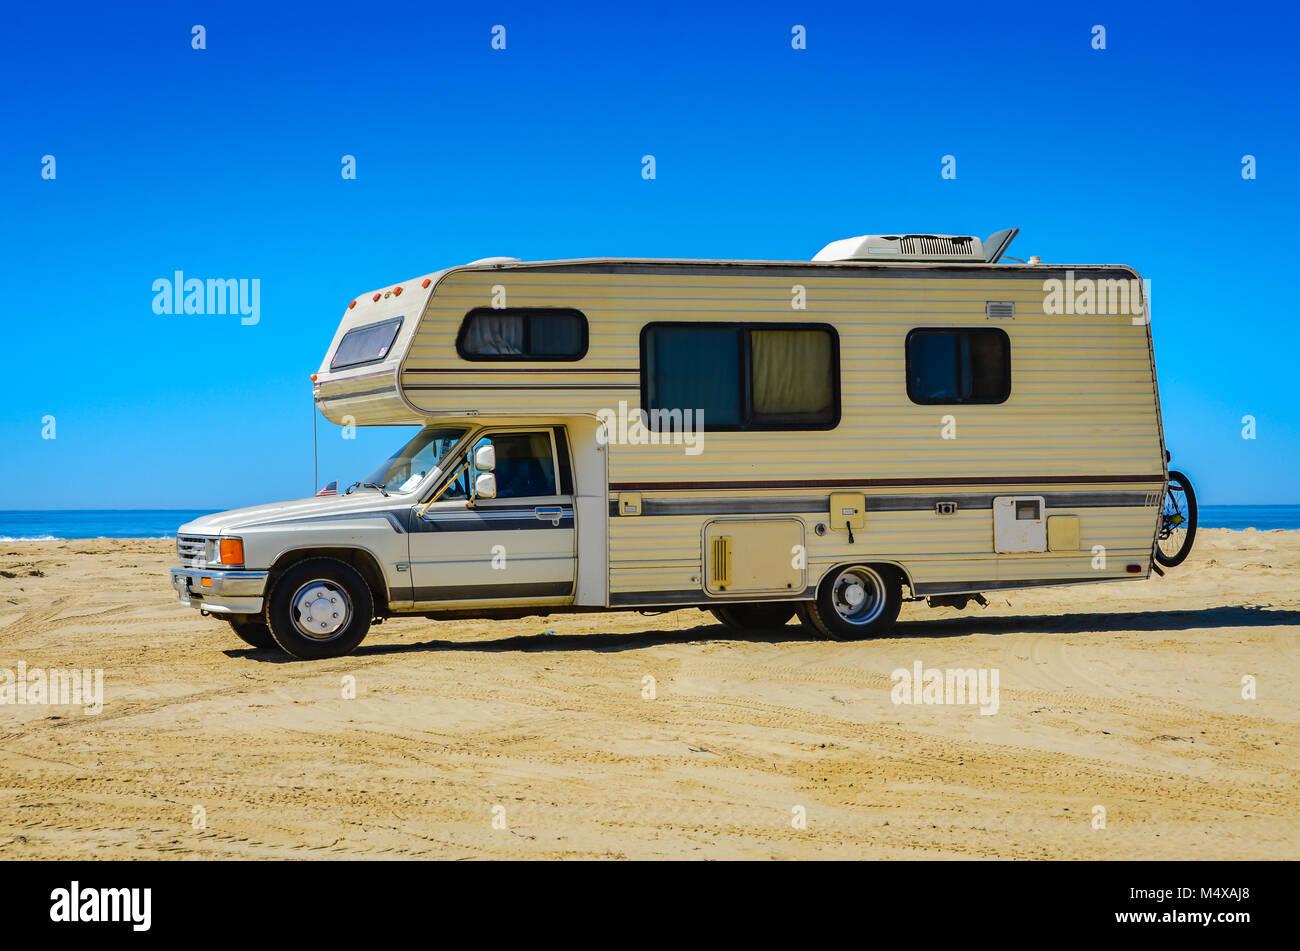 Camper van veicolo per attività ricreative in riva alla spiaggia all'Oceano dune in San Luis Obispo, CA. Foto Stock